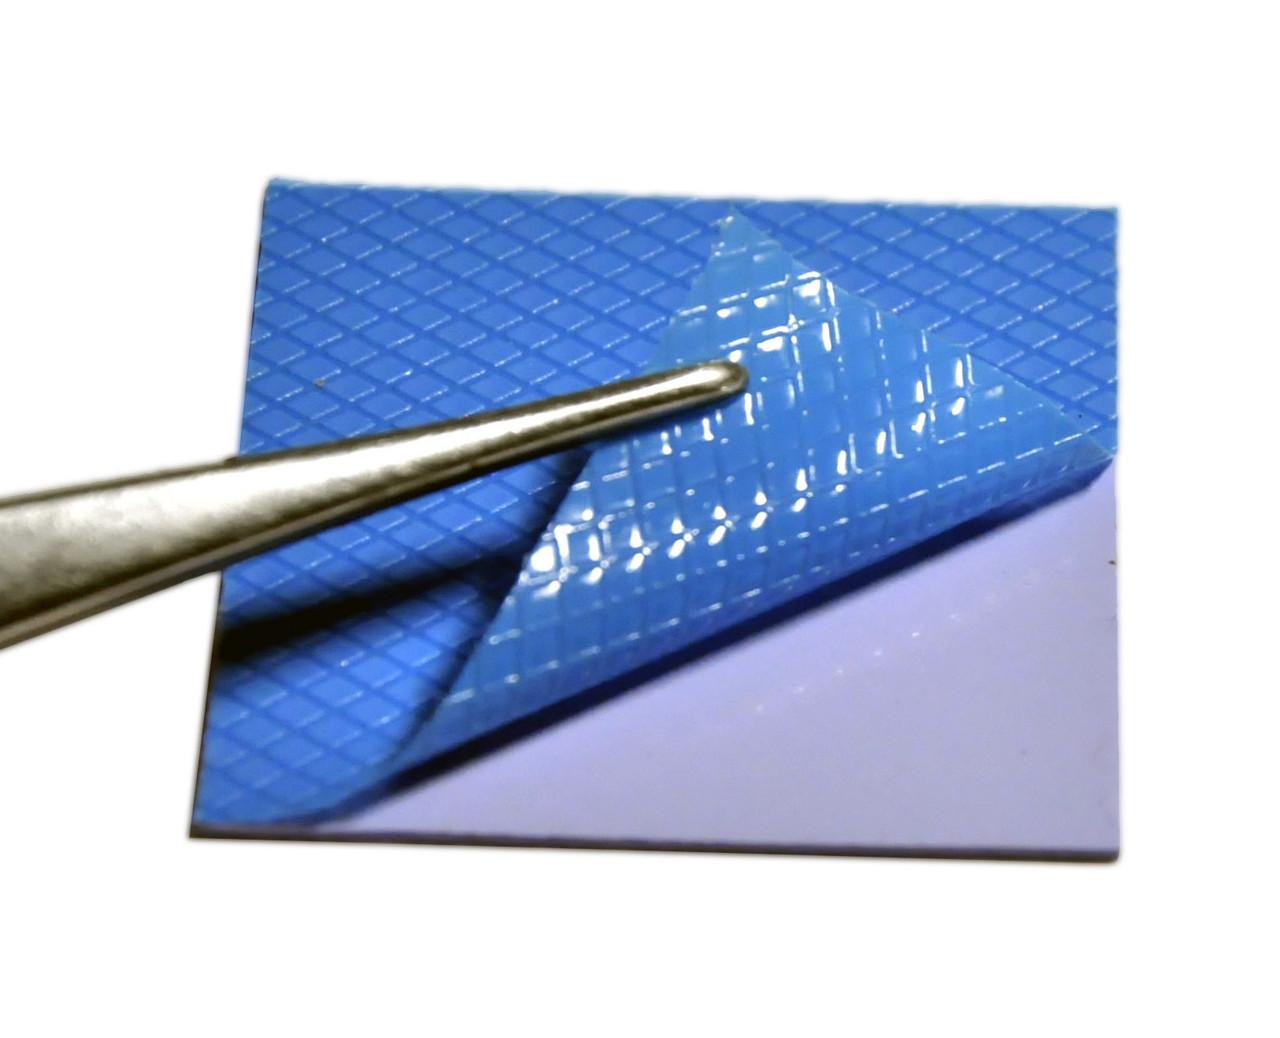 Термопрокладка 3KS 3K600 B34 1.5мм 50x50 синяя 6 Вт/(м*К) термоинтерфейс для ноутбука (TPr-3K6W-B34)